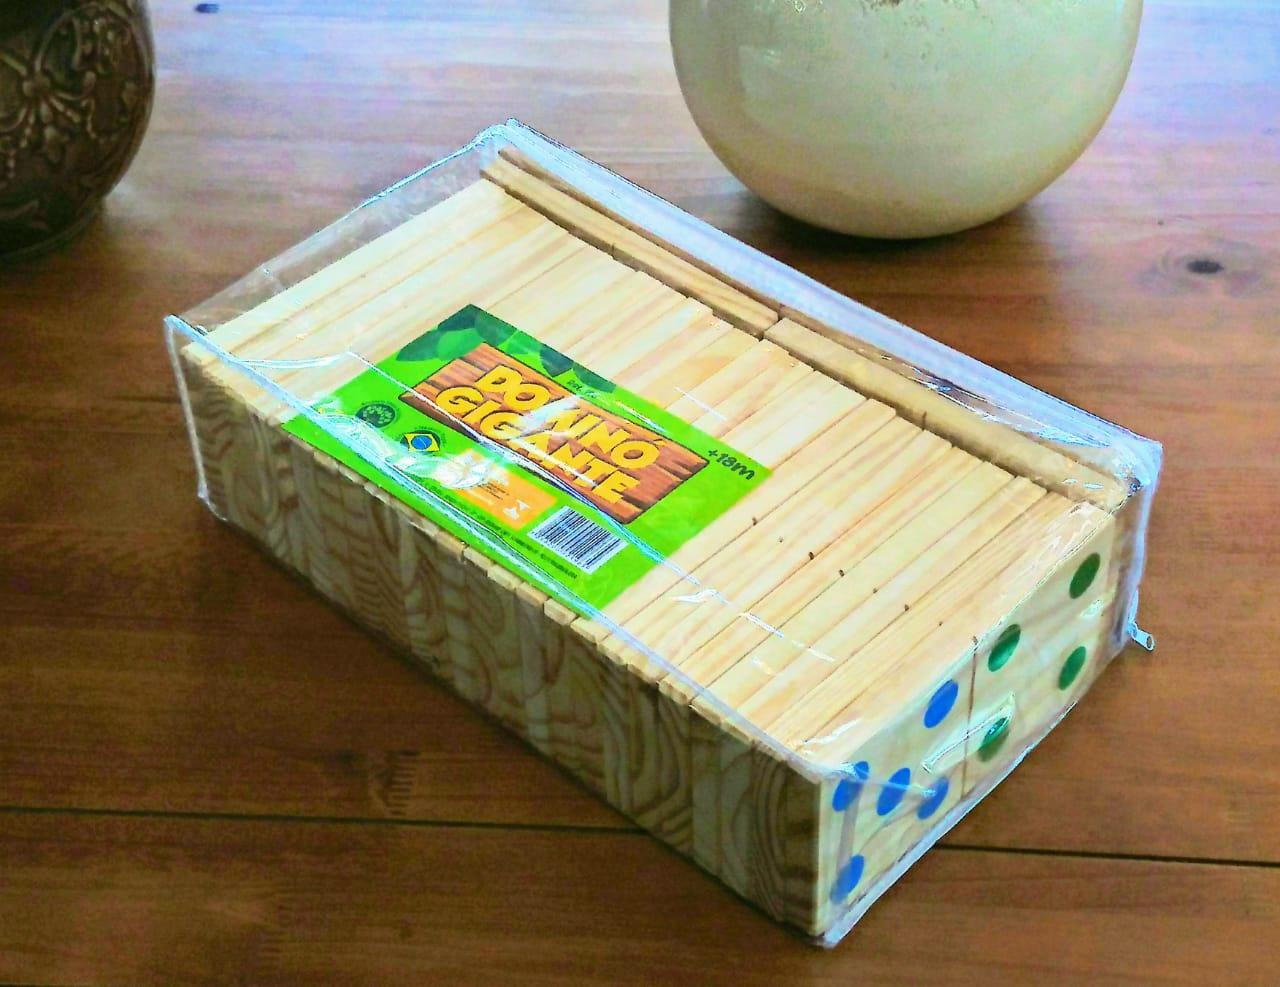 Brinquedo de madeira Dominó Gigante, da NewArt - Cód. 196